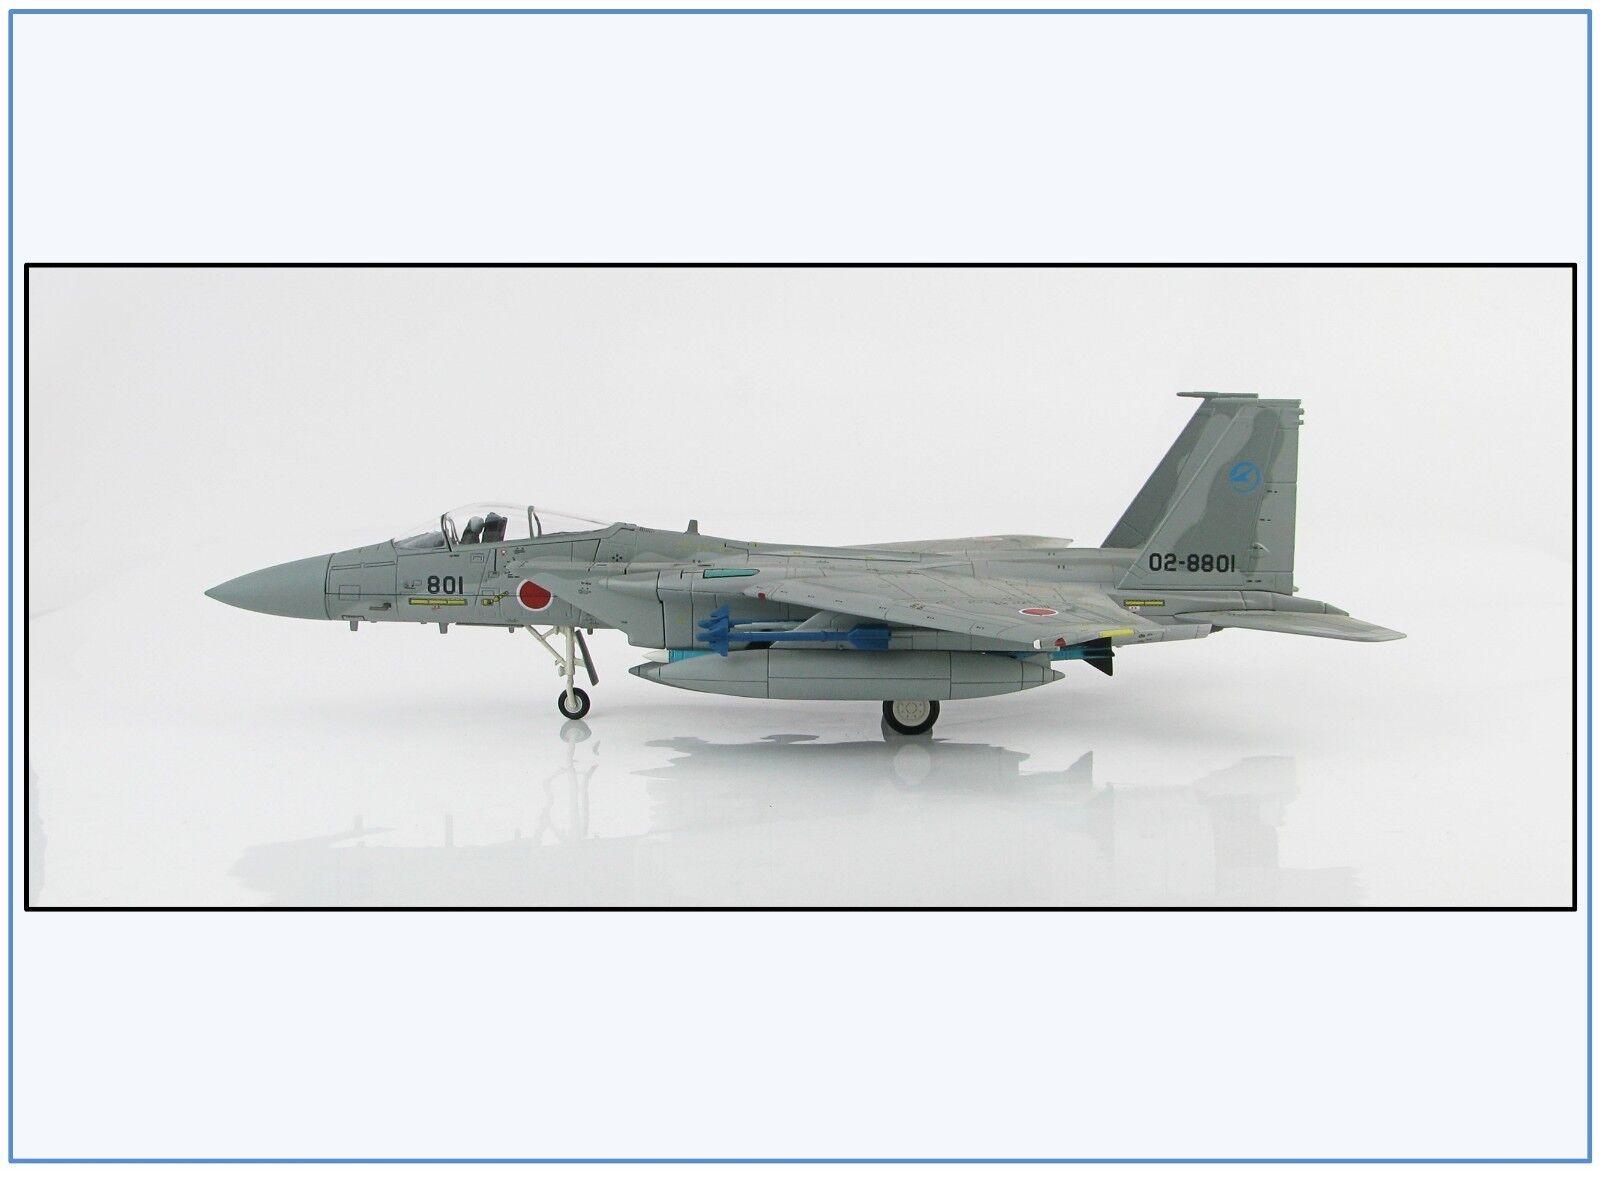 Ha4515 f-15j Eagle JASDF  adtw, Gifu AB, le japon, HOBBY MASTER 1 72 Neuf 1 19 &  bénéfice nul